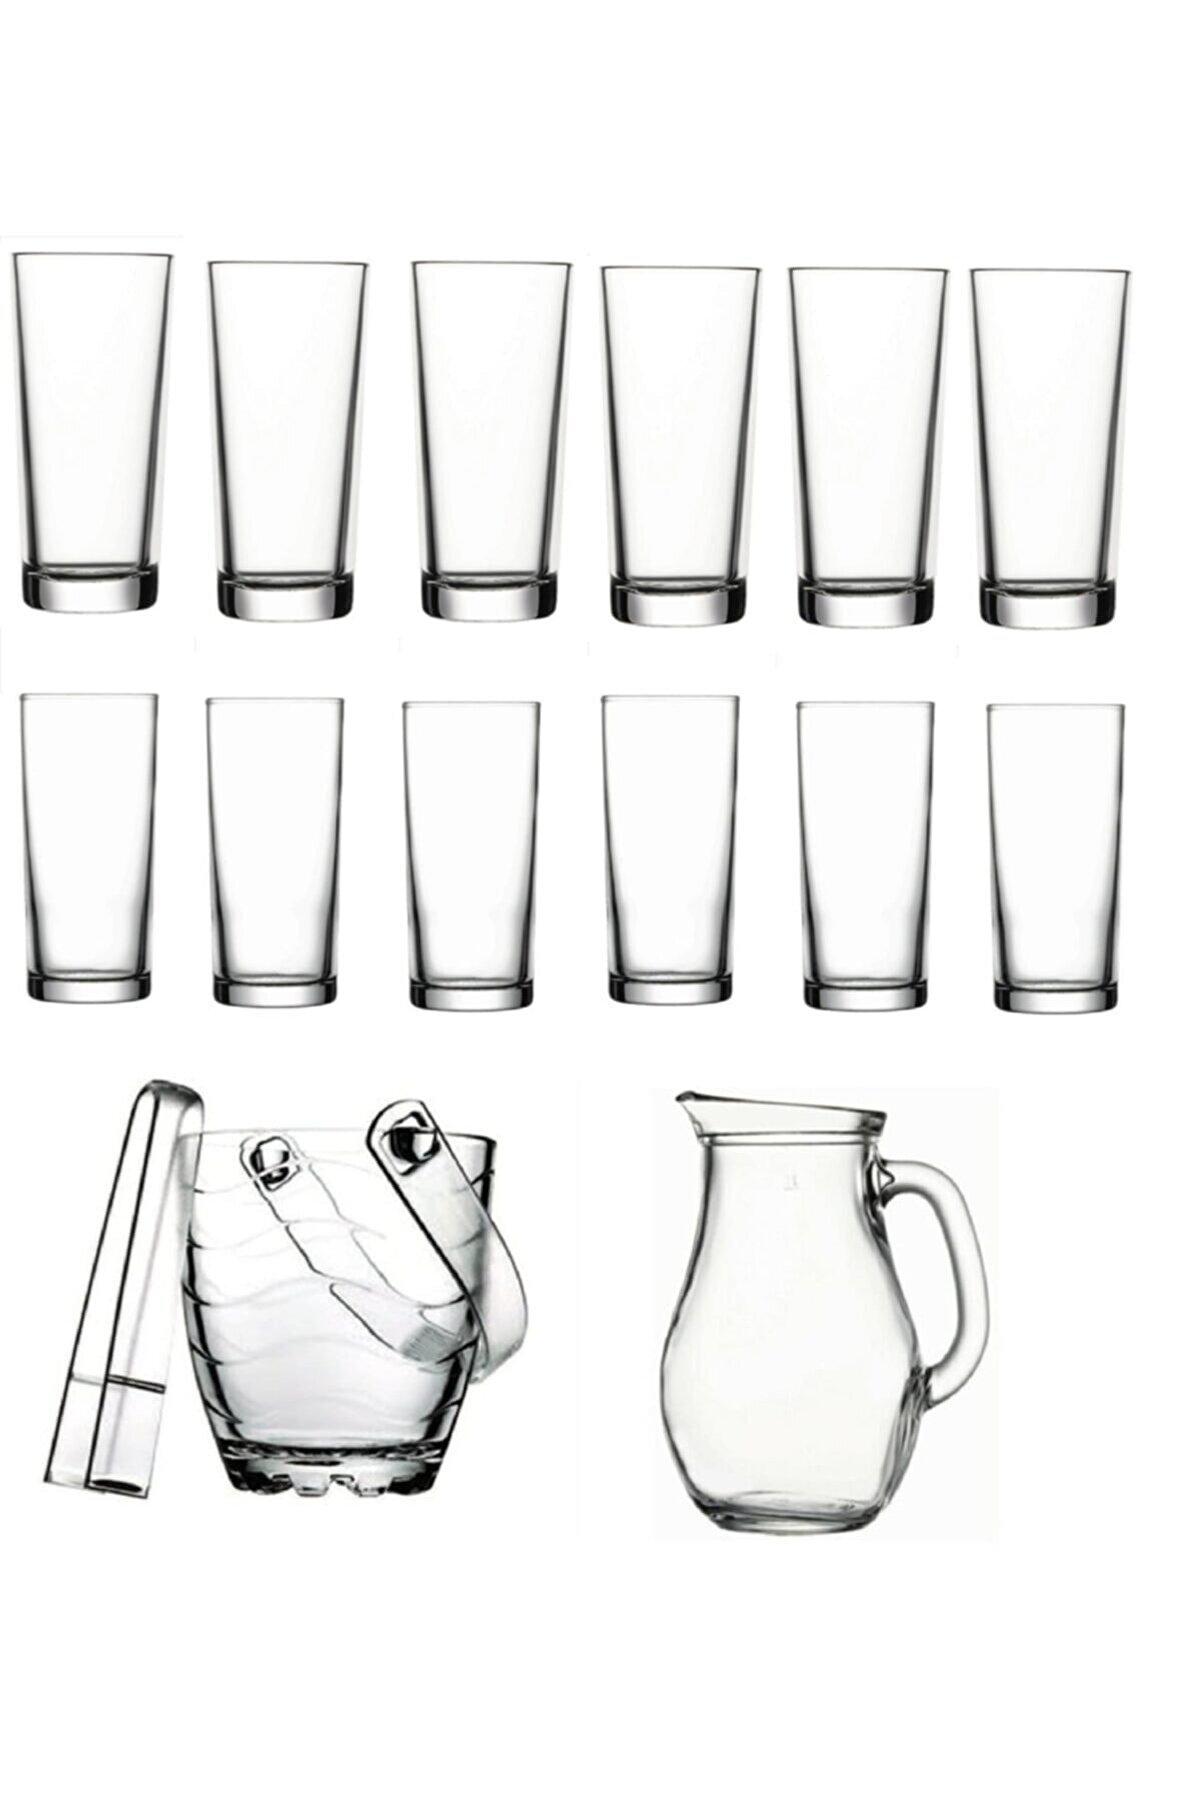 Paşabahçe Meşrubat Bardağı Ve Buz Kovası Seti 15 Parça